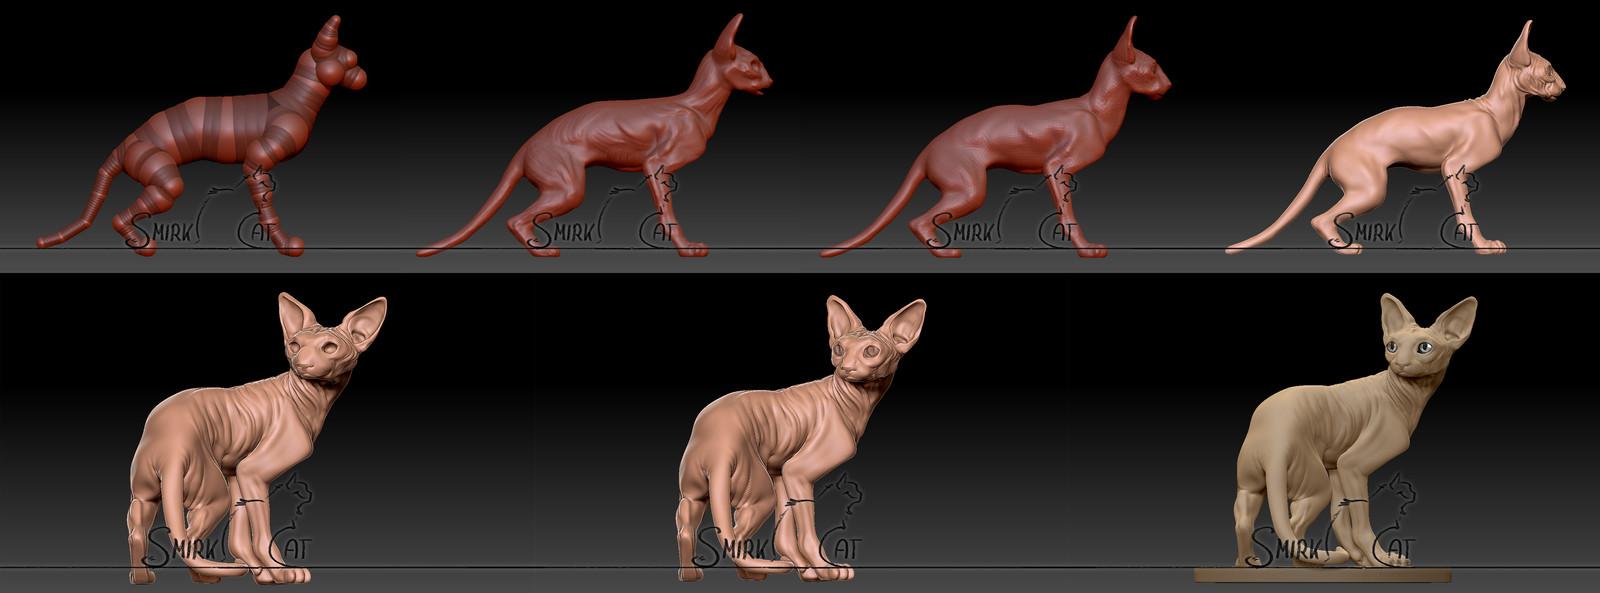 Sphynx Sculpt - Step by Step